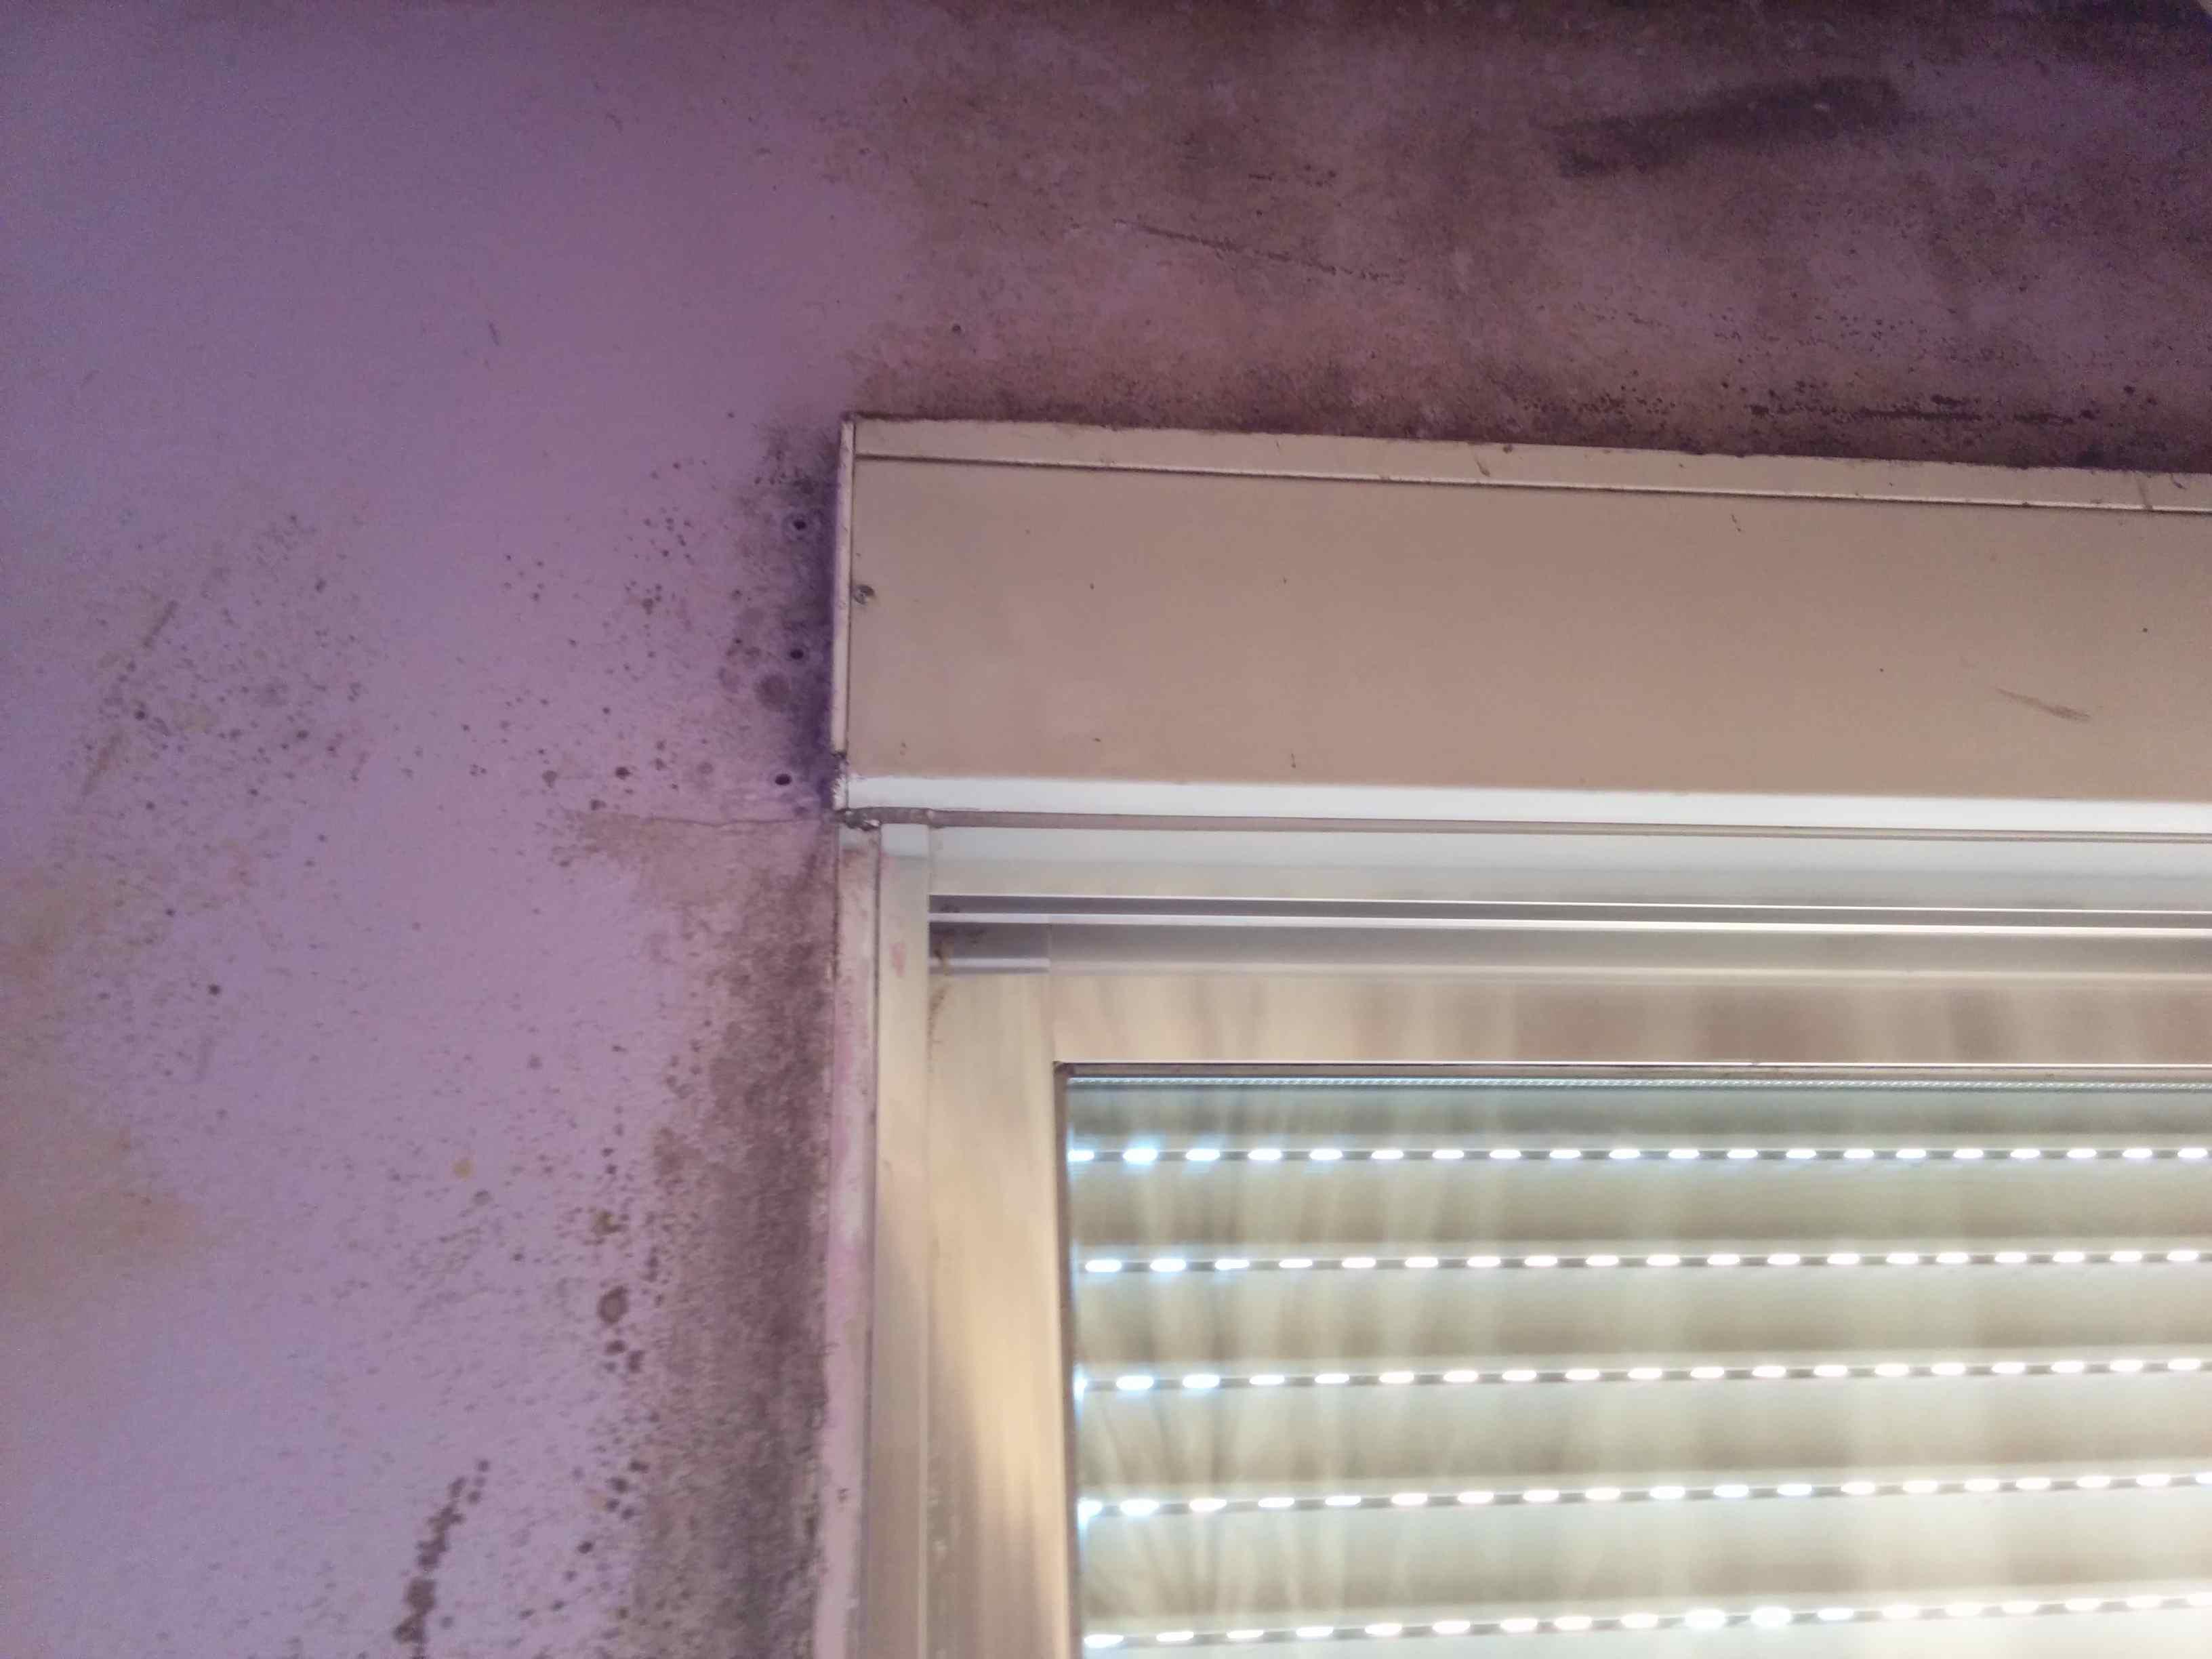 humedad por condensacion en paredes cerca de ventanas